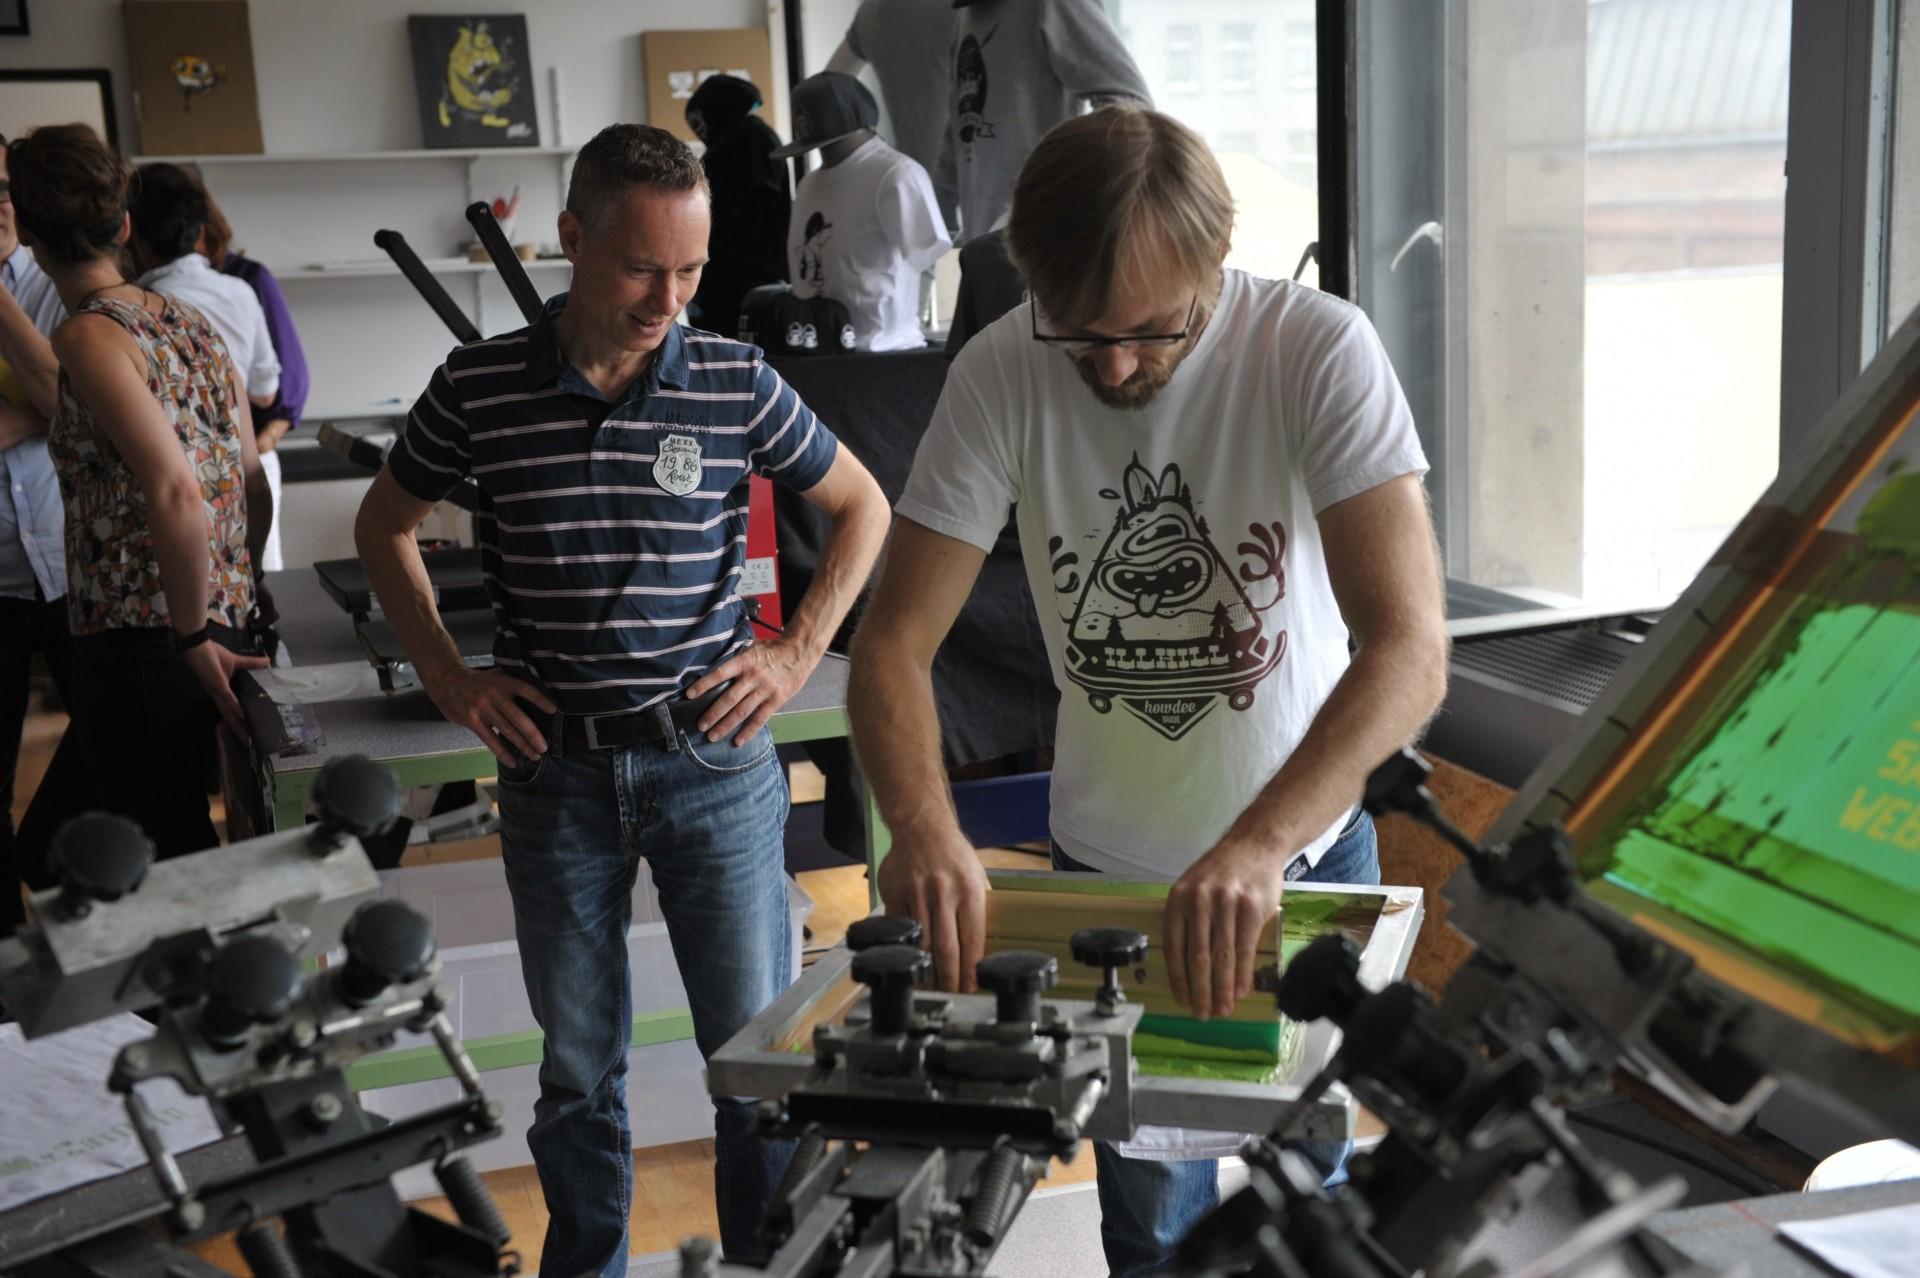 Deseng - an der Siebdruckmaschine, Foto: Eberhard Weible